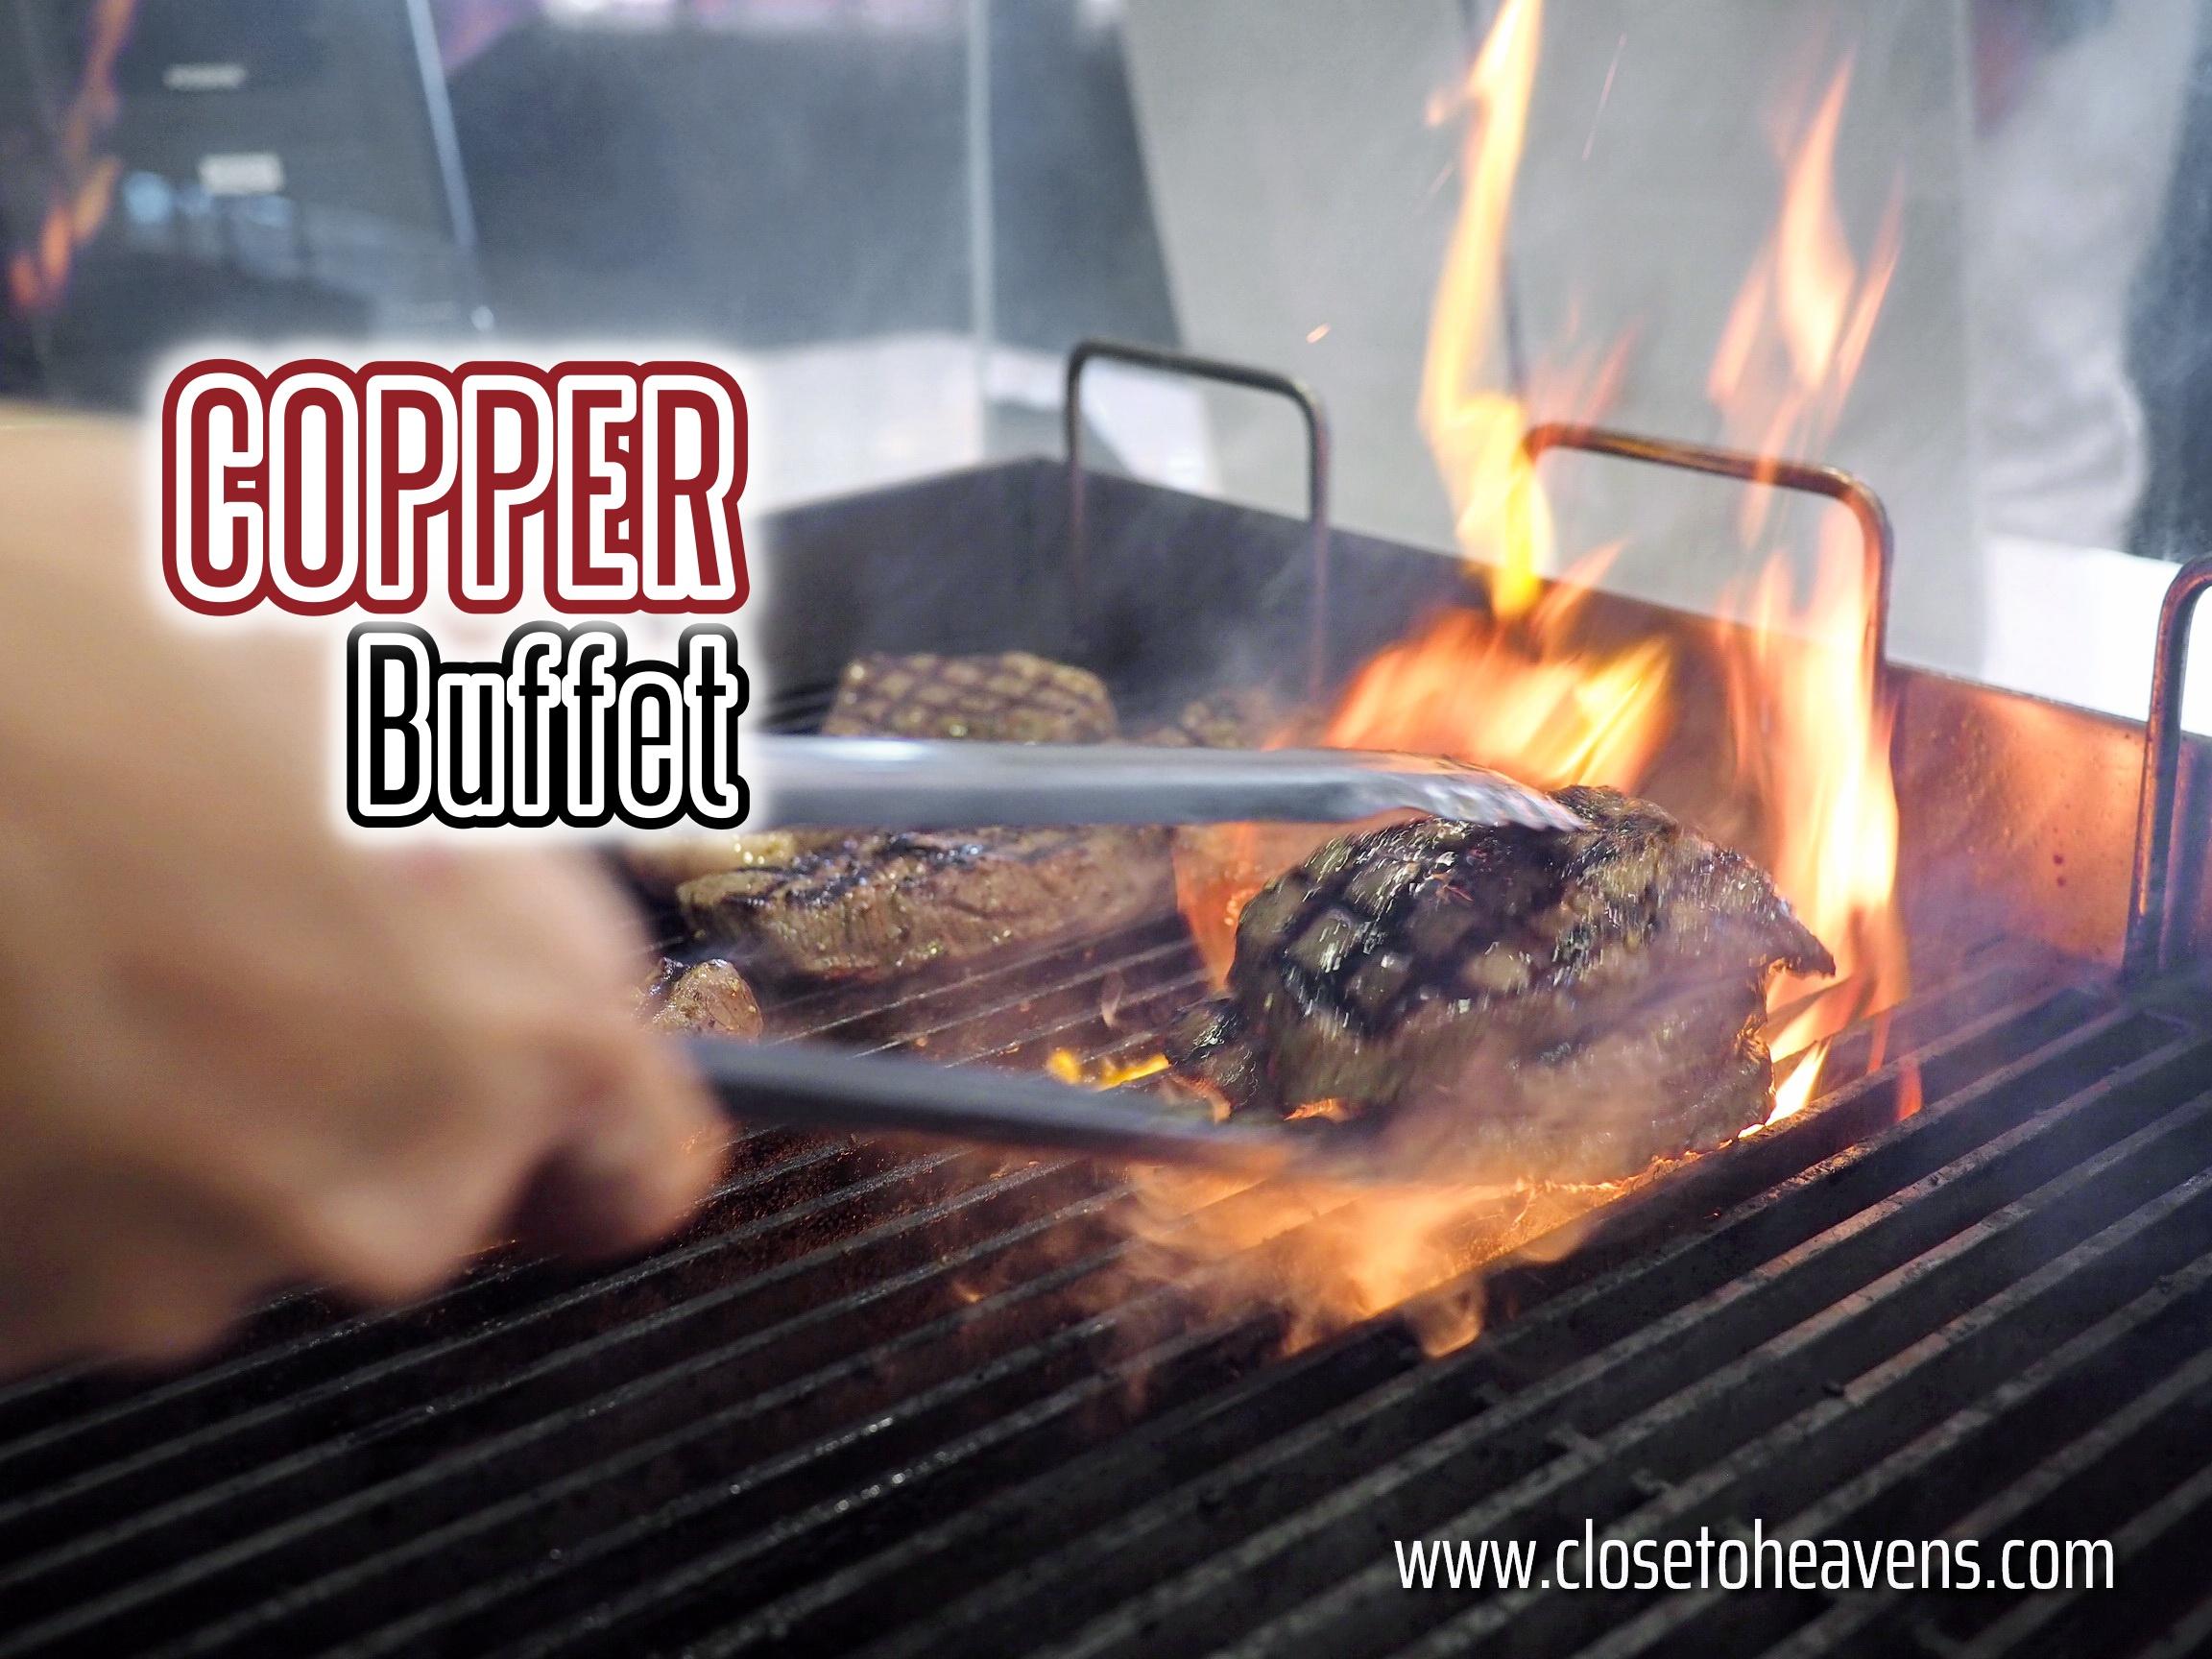 All New Copper Buffet โฉมใหม่ เมนูอลังการกว่าเดิม